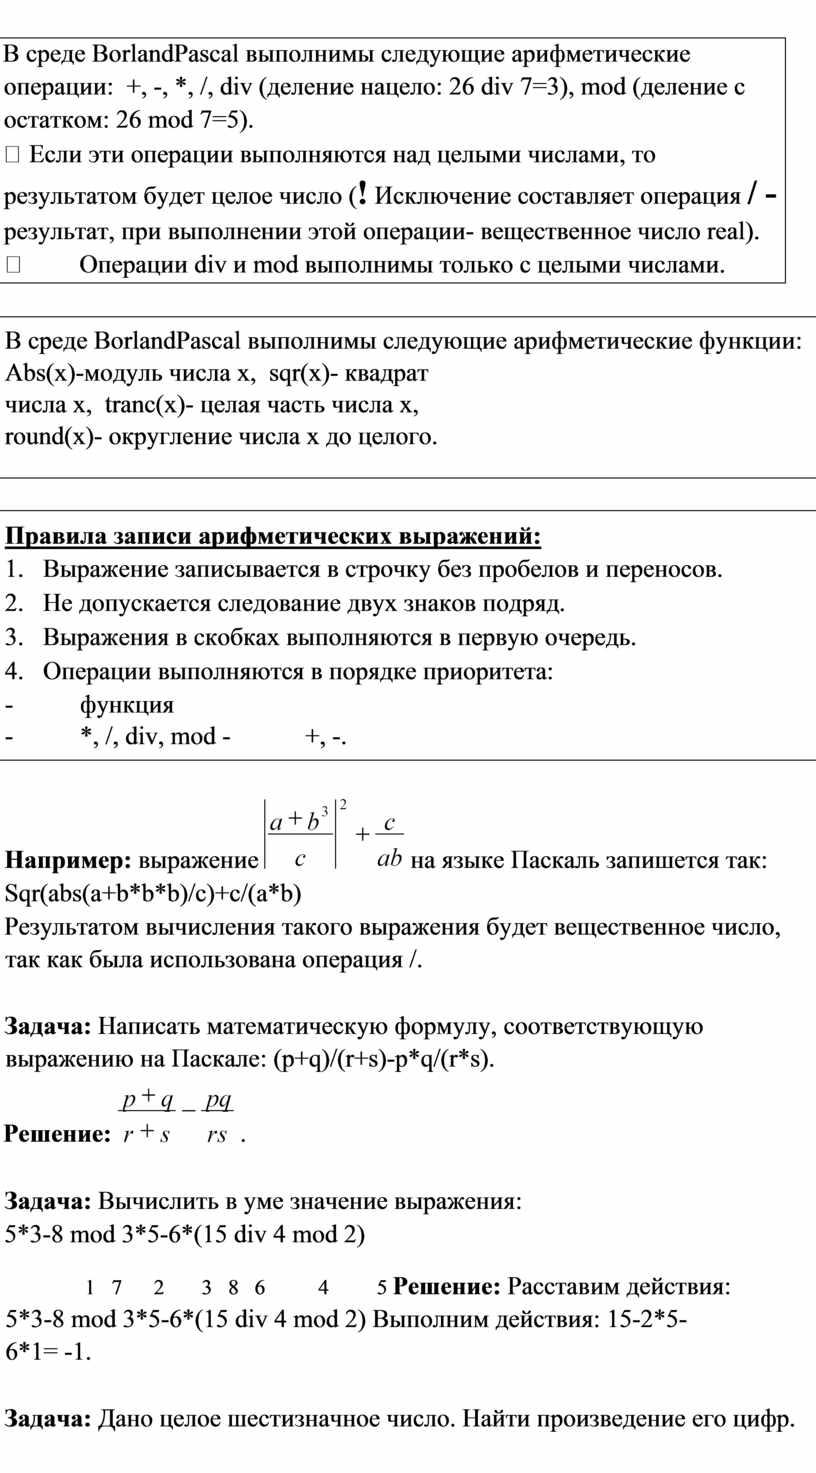 В среде BorlandPascal выполнимы следующие арифметические операции: +, -, *, /, div (деление нацело: 26 div 7=3), mod (деление с остатком: 26 mod 7=5)